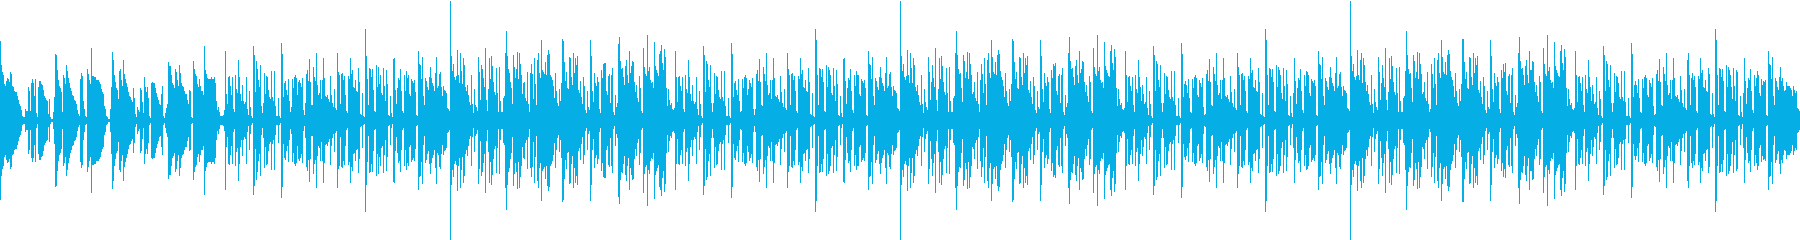 【ラジオBGM】ギター・リラックスお洒落の再生済みの波形